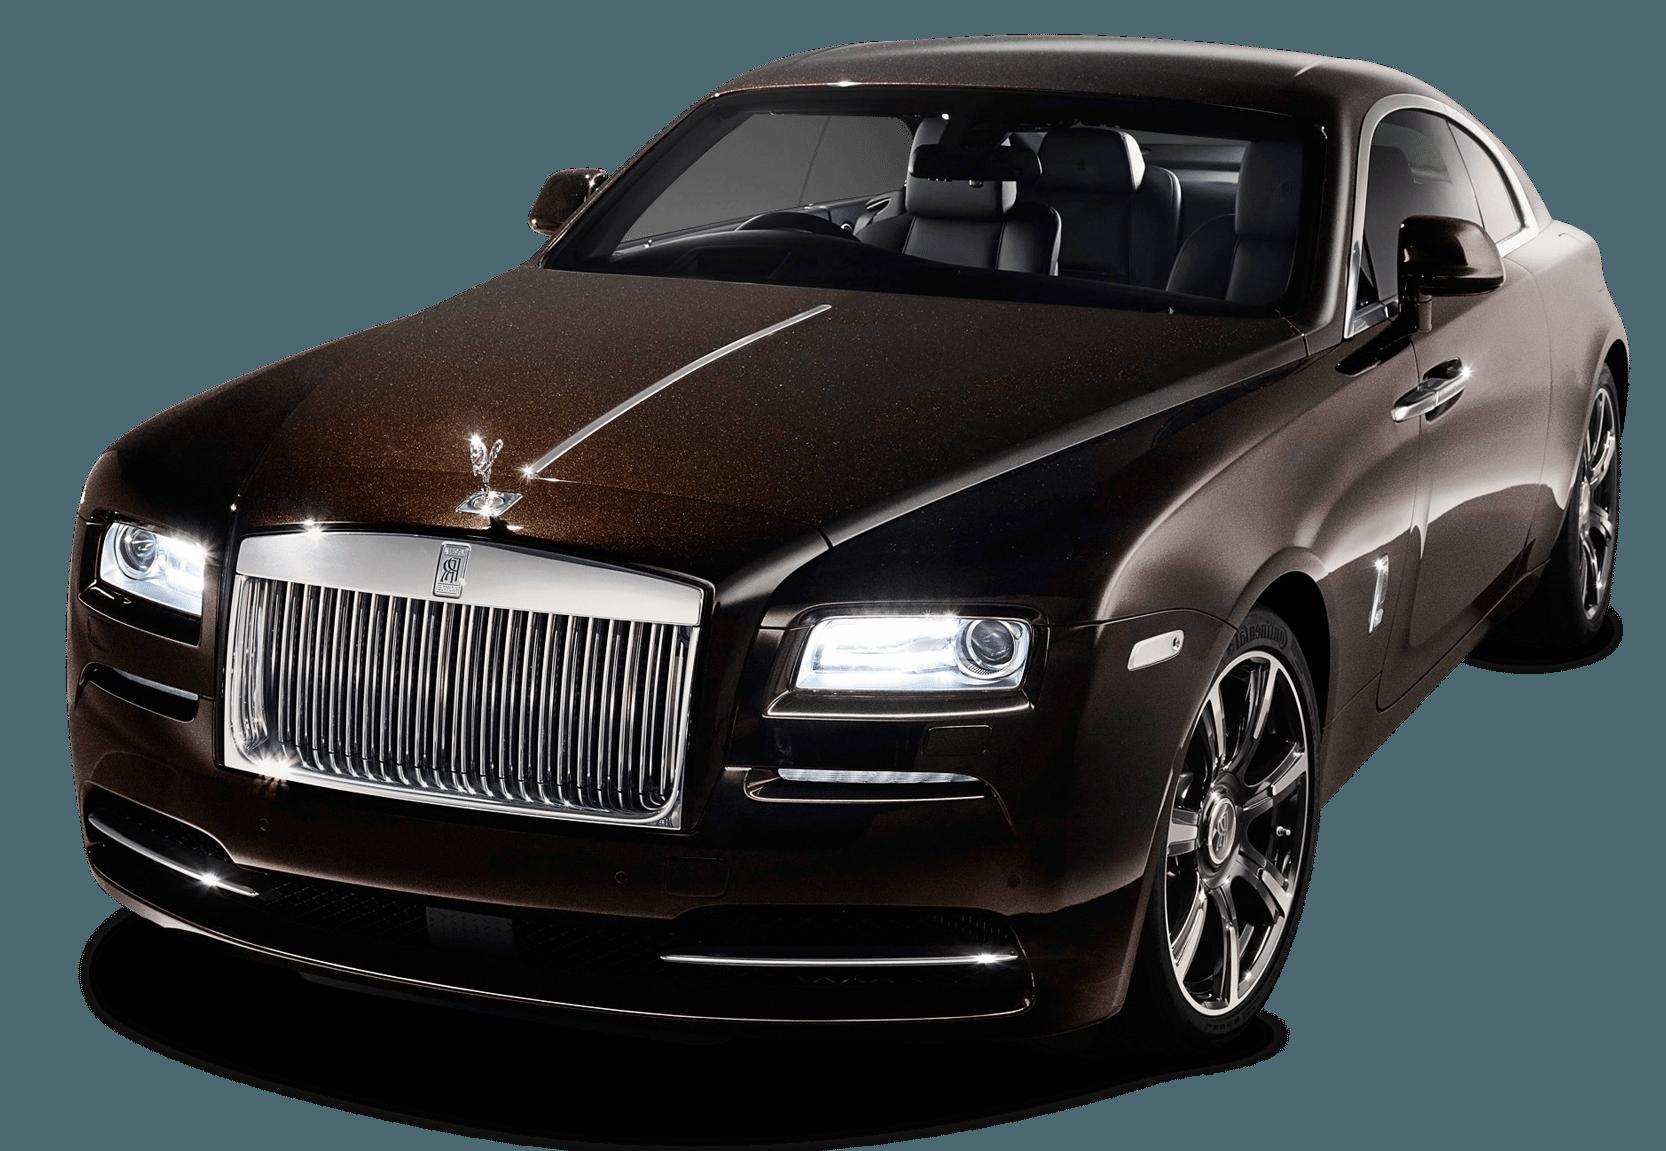 Rolls Royce Car Png Image Rolls Royce Cars Rolls Royce Royce